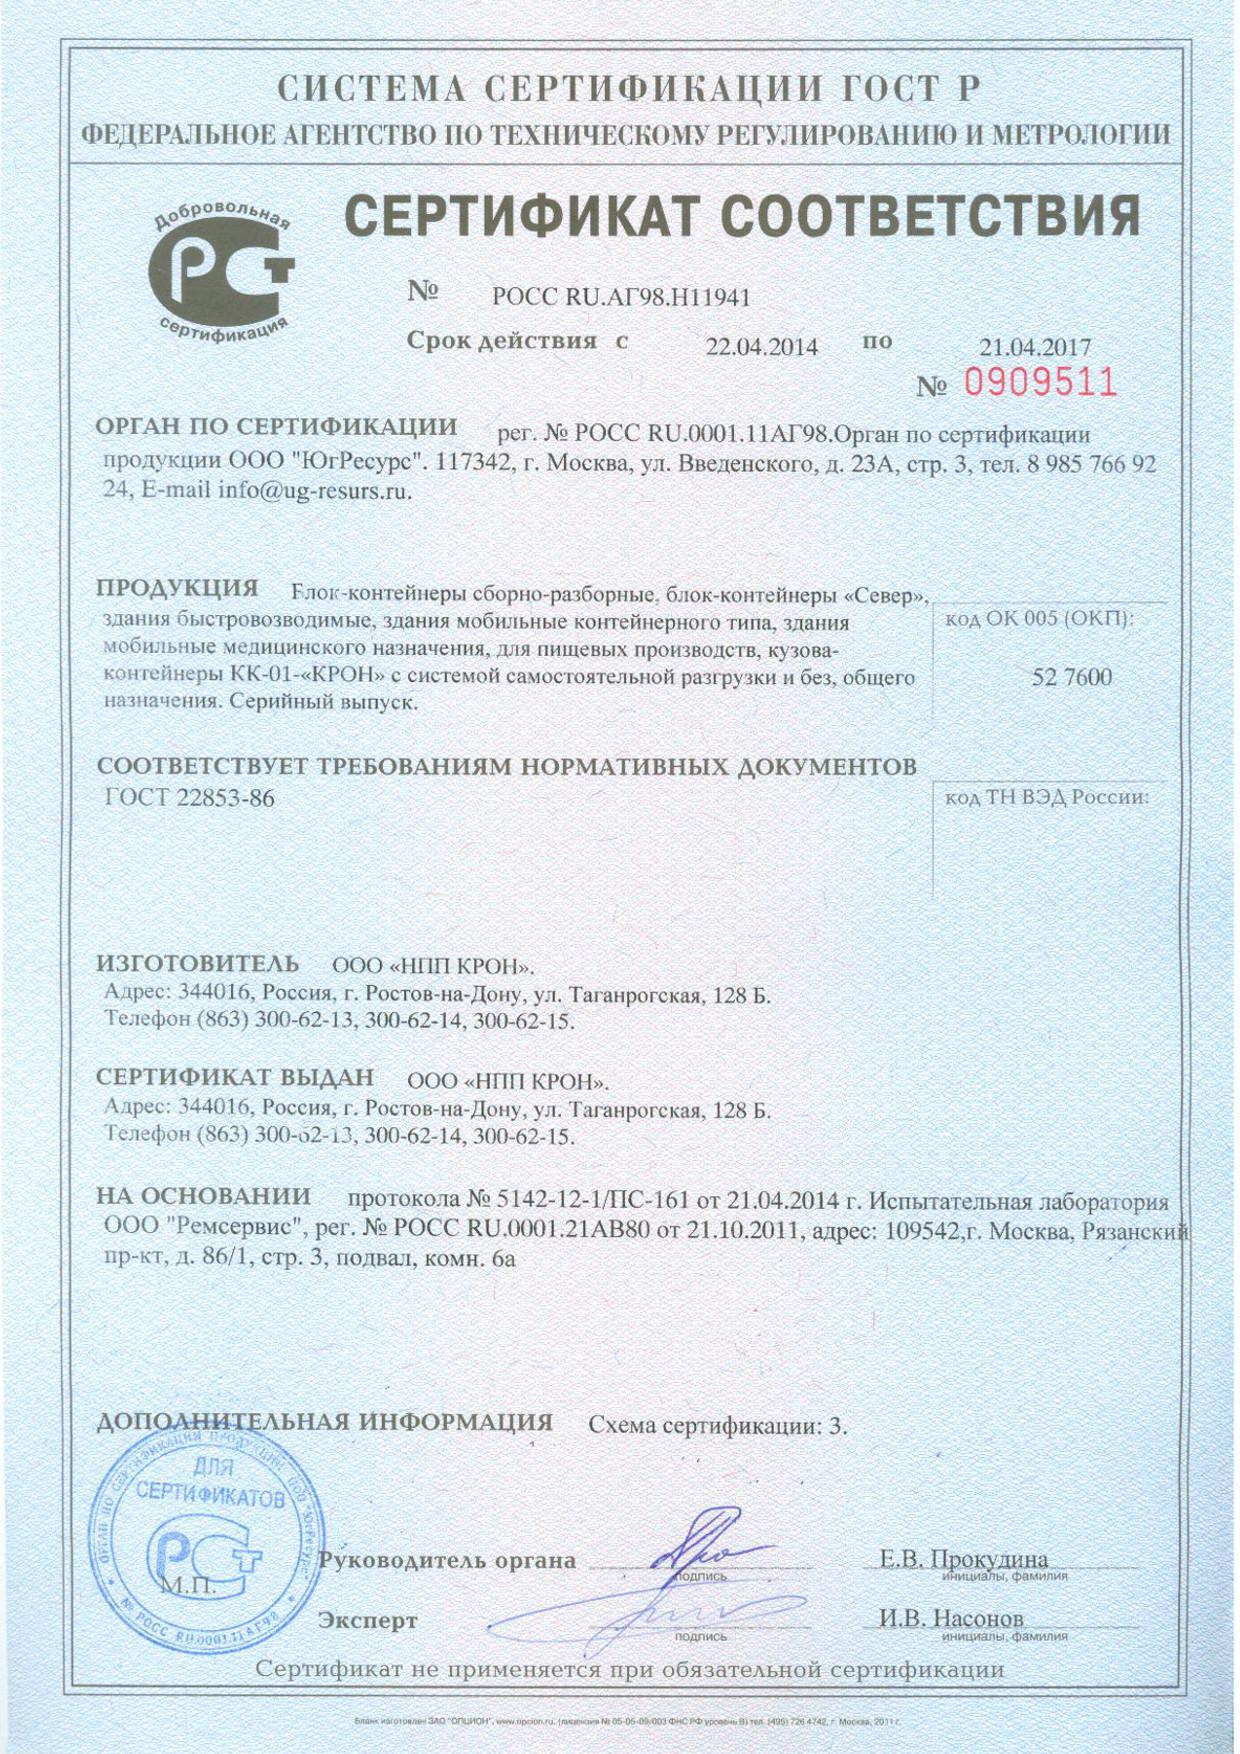 Сертификат соответствия на кузов-контейнер КК-01 КРОН